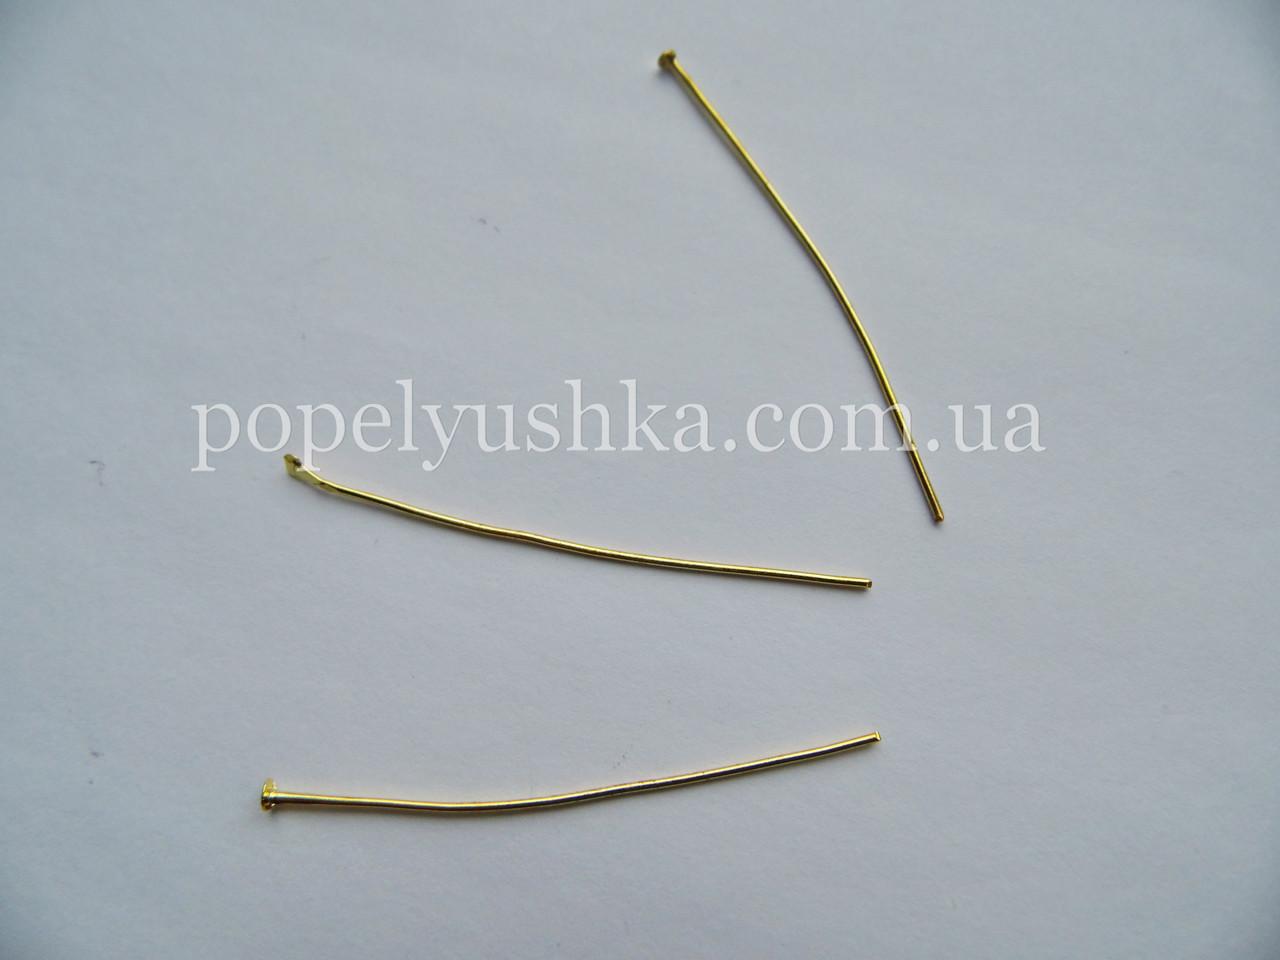 Булавка з плоскою шляпкою 5 см Золото (5 шт)